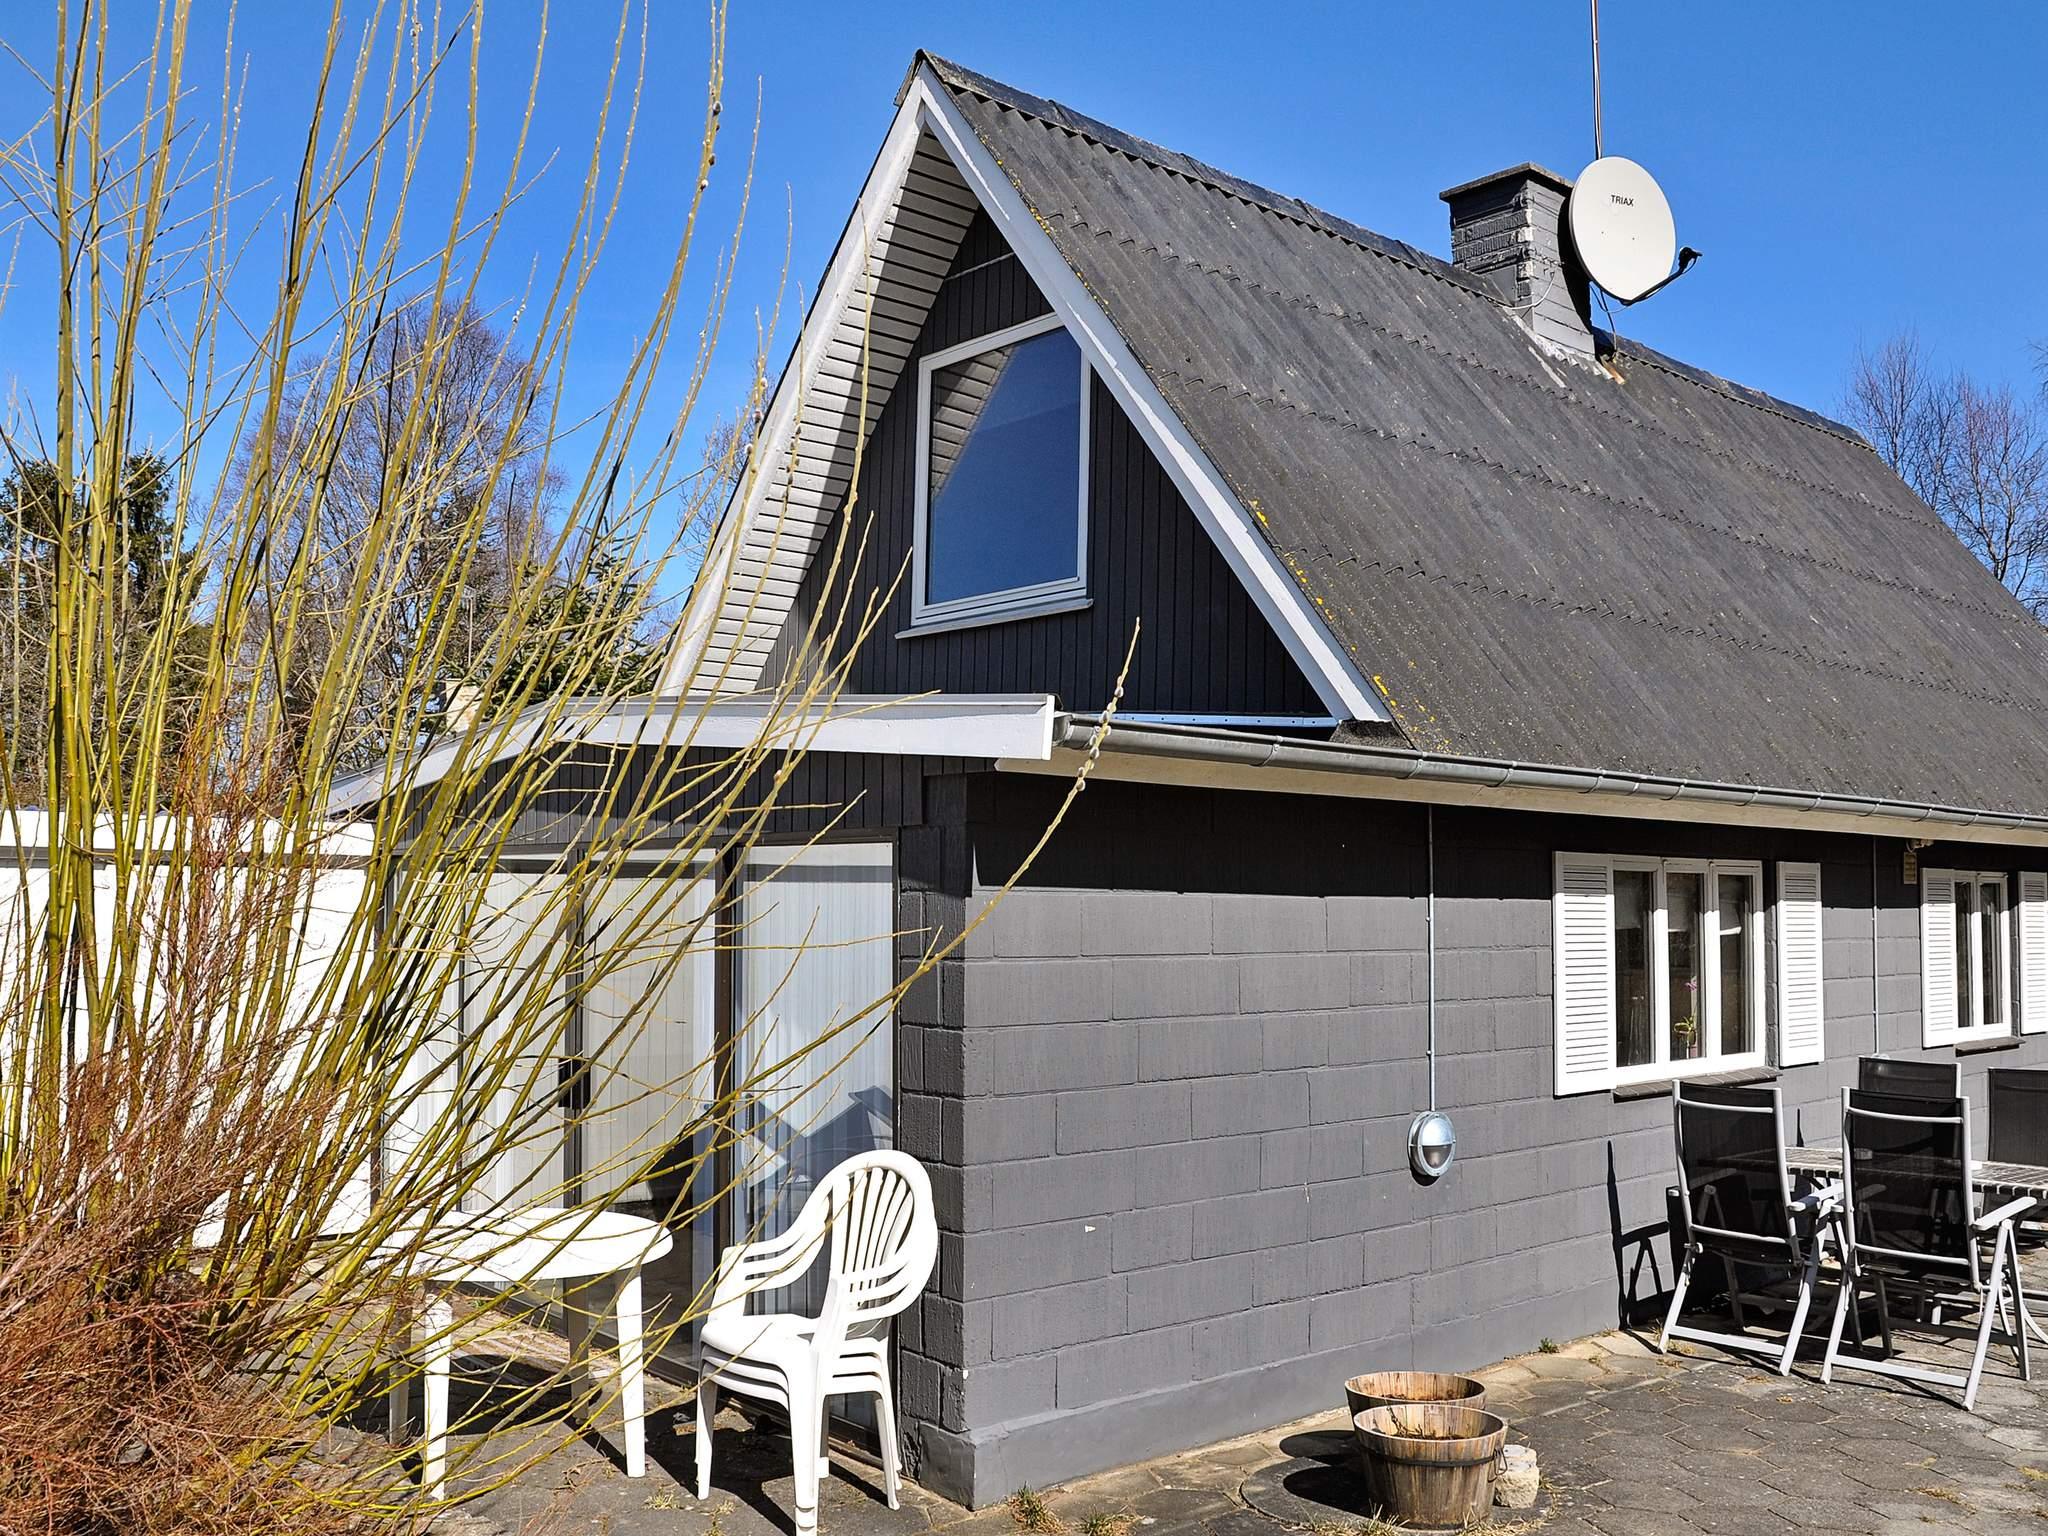 Ferienhaus Silkeborg (757425), Silkeborg, , Ostjütland, Dänemark, Bild 19